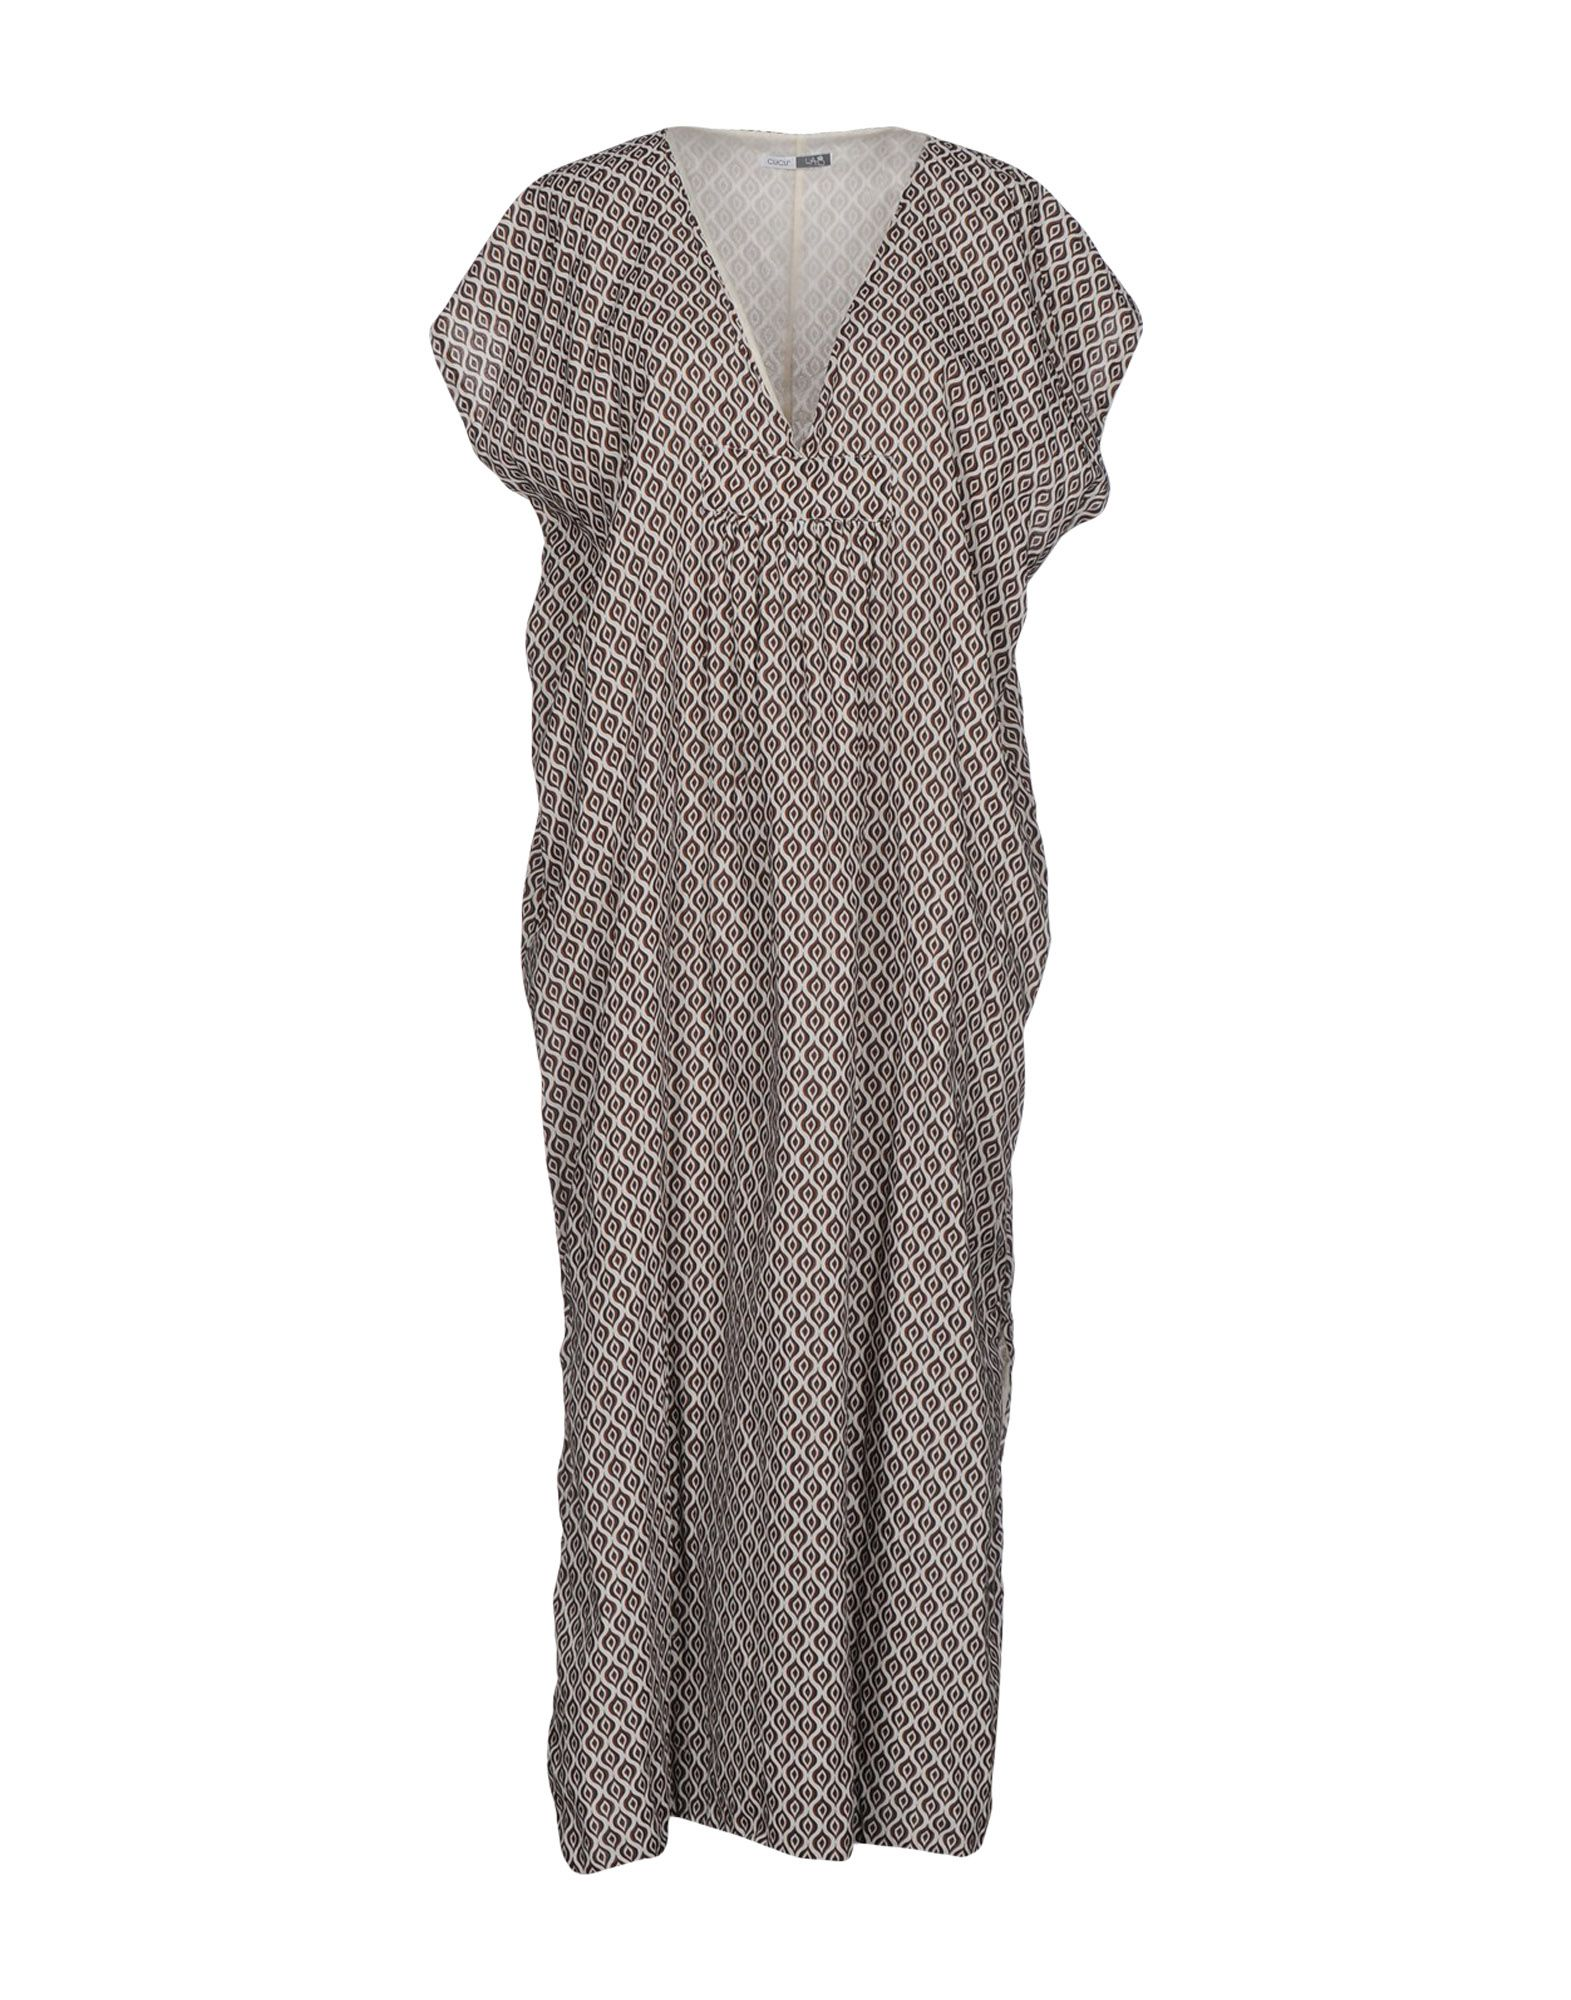 CUCÙ LAB Платье длиной 3/4 комплект постельного белья hobby home collection семейный сатин marsella черное